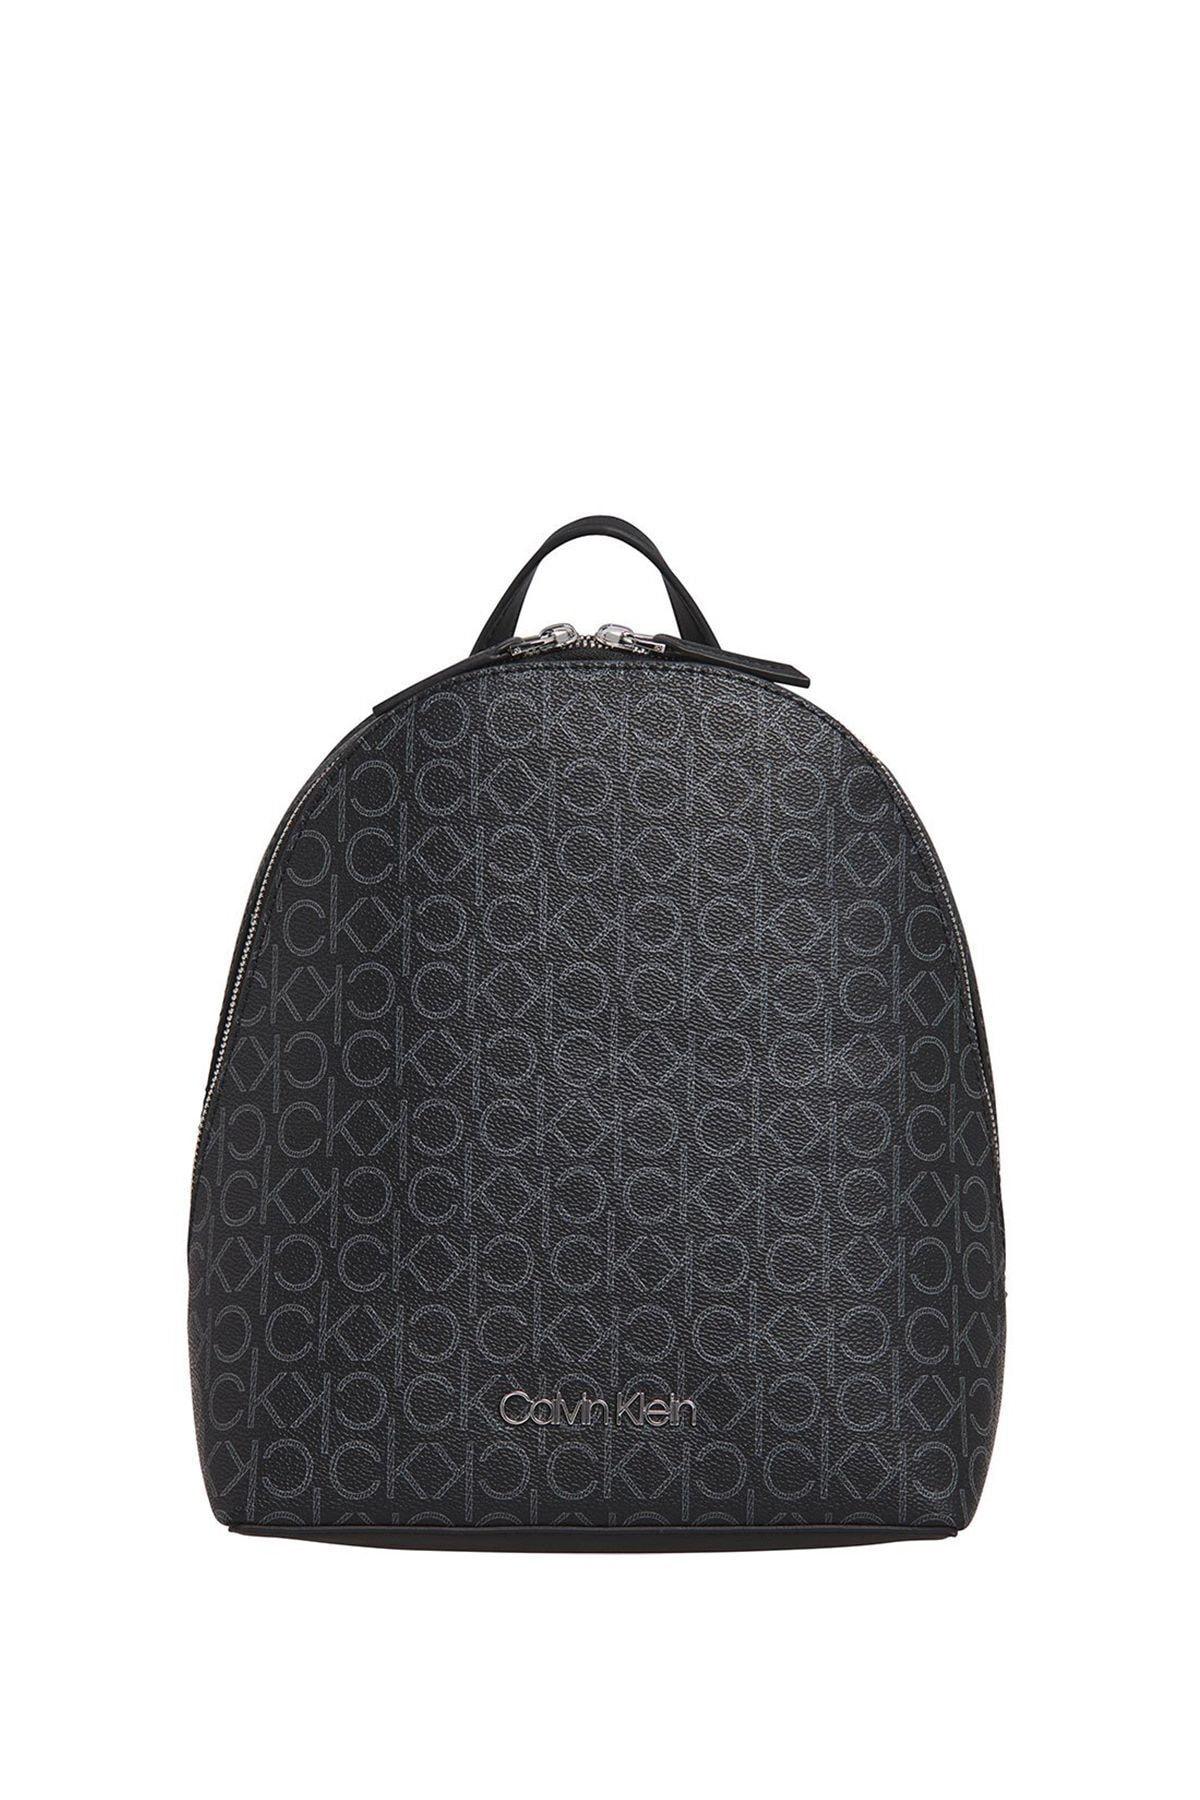 Calvin Klein Kadın Siyah Mono Sm Sırt Çantası K60k606476 1